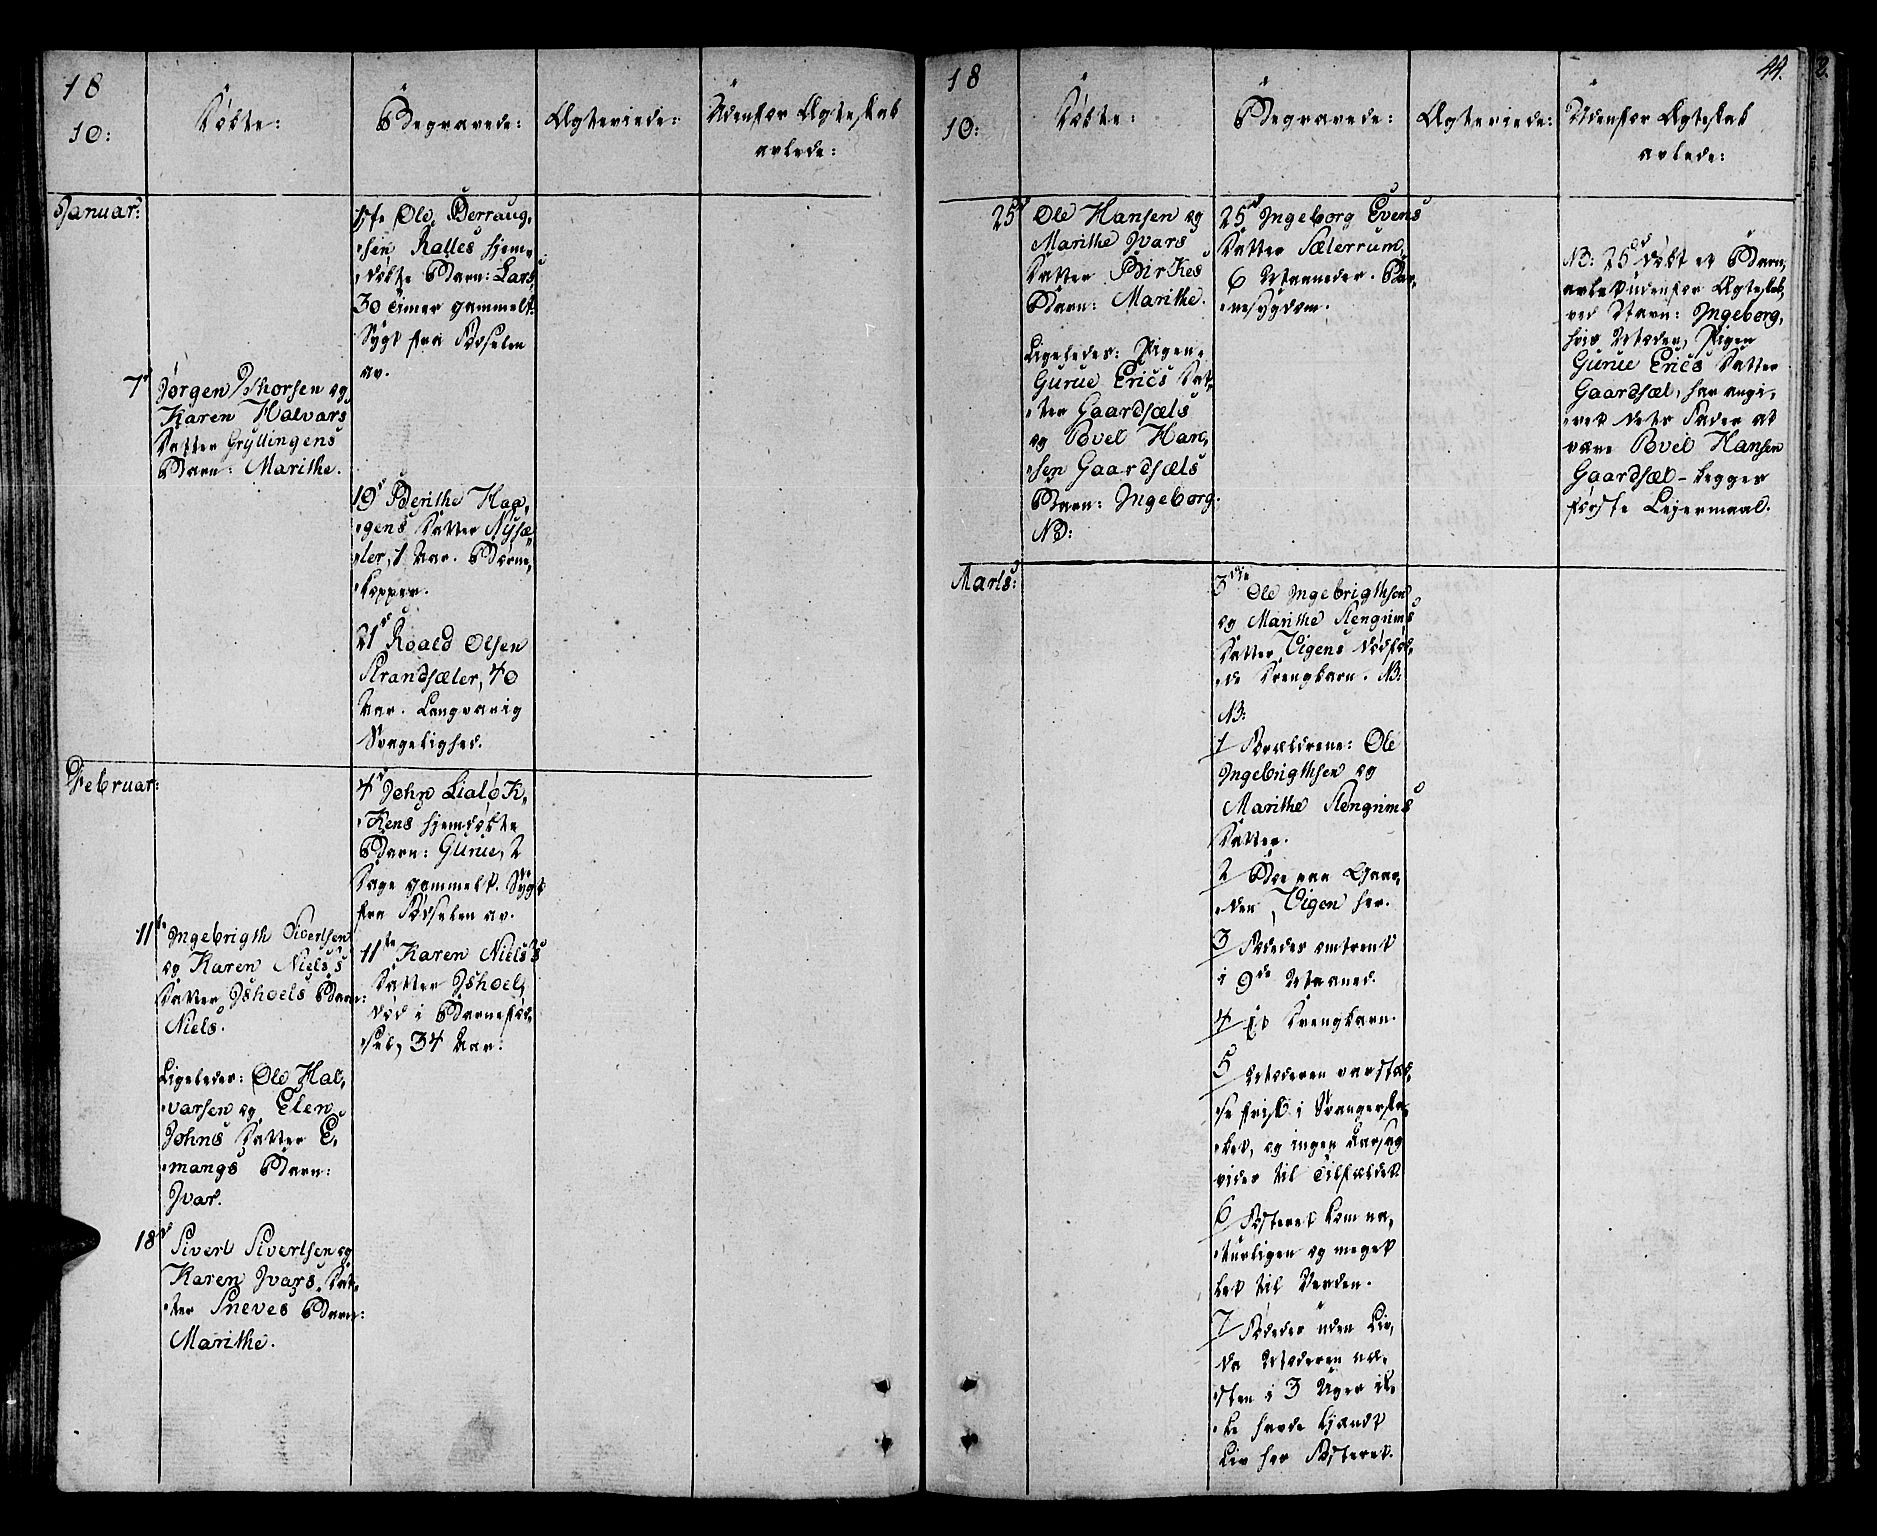 SAT, Ministerialprotokoller, klokkerbøker og fødselsregistre - Sør-Trøndelag, 678/L0894: Ministerialbok nr. 678A04, 1806-1815, s. 44